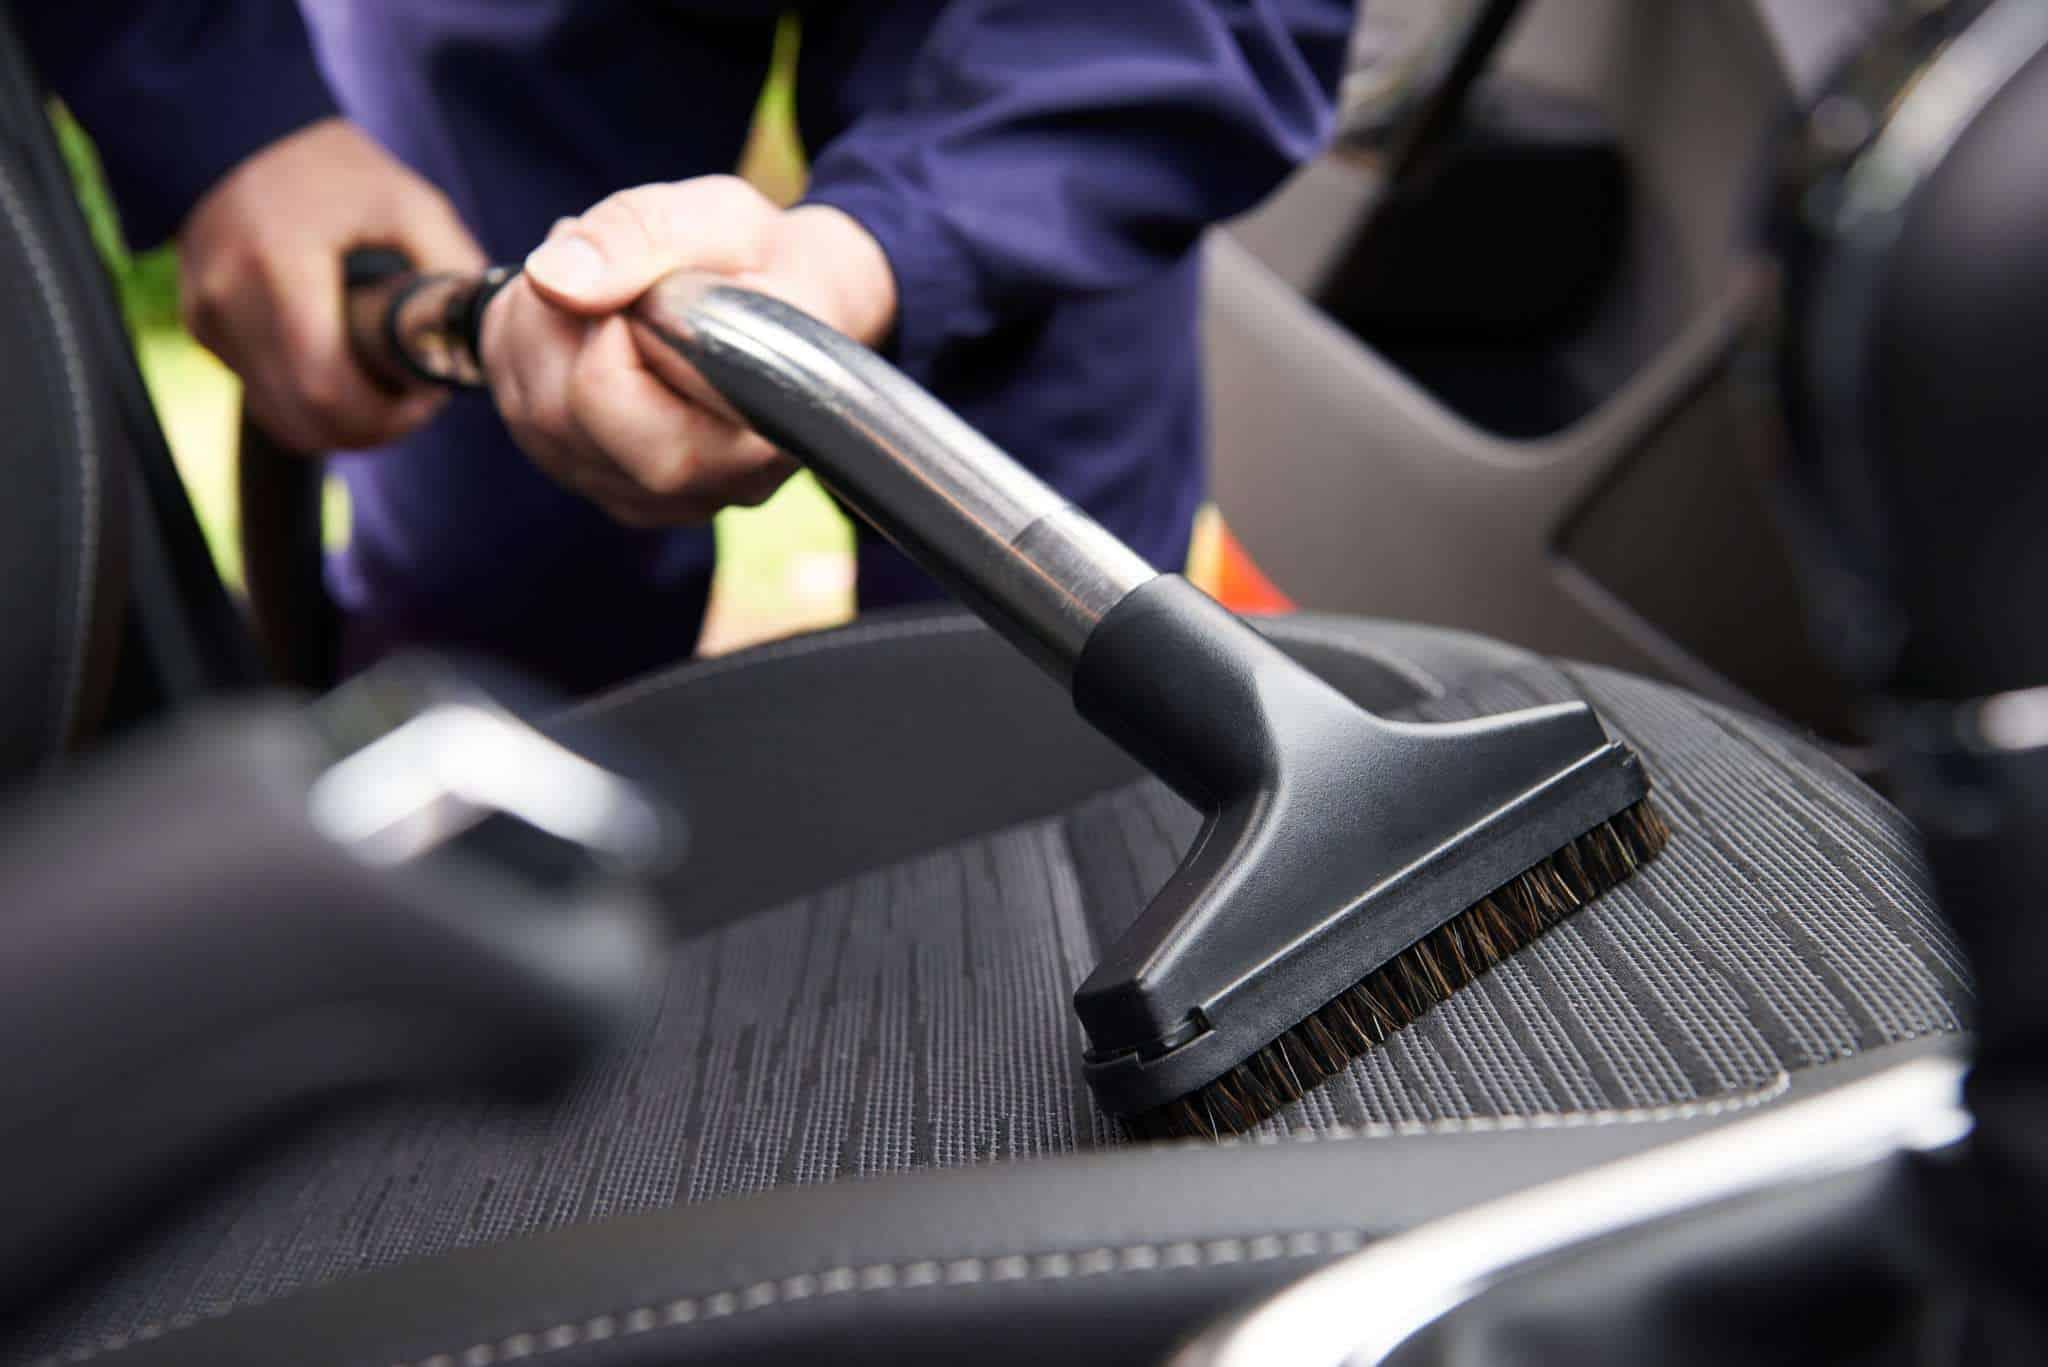 Nettoyer les sièges de voiture : le guide